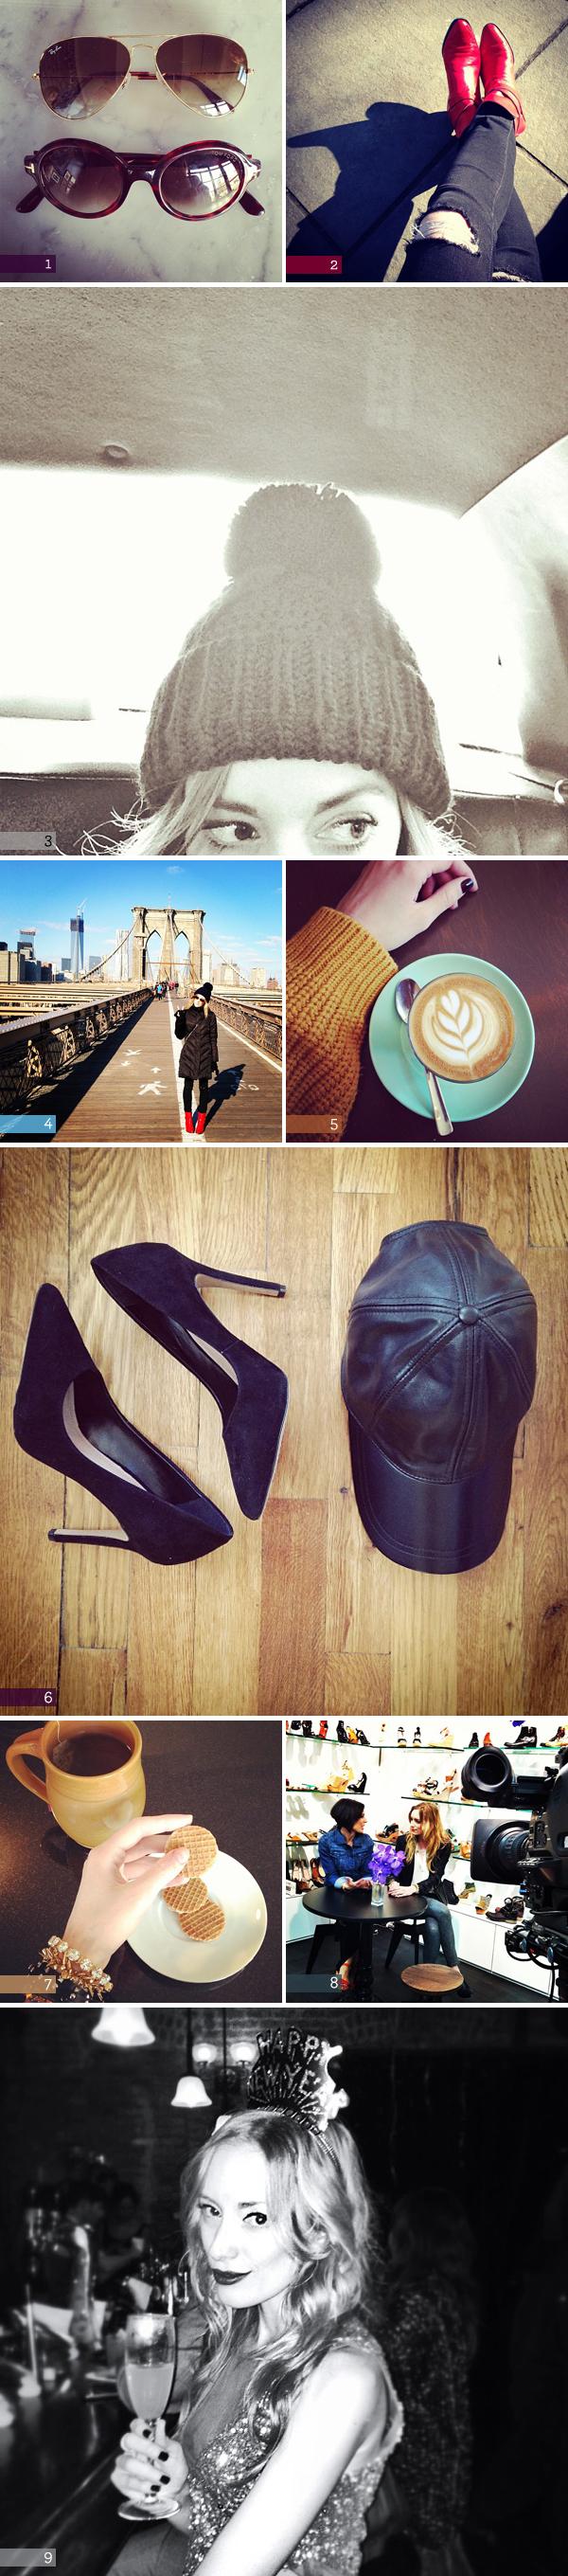 2013-01-08-InstagramEatSleepWear